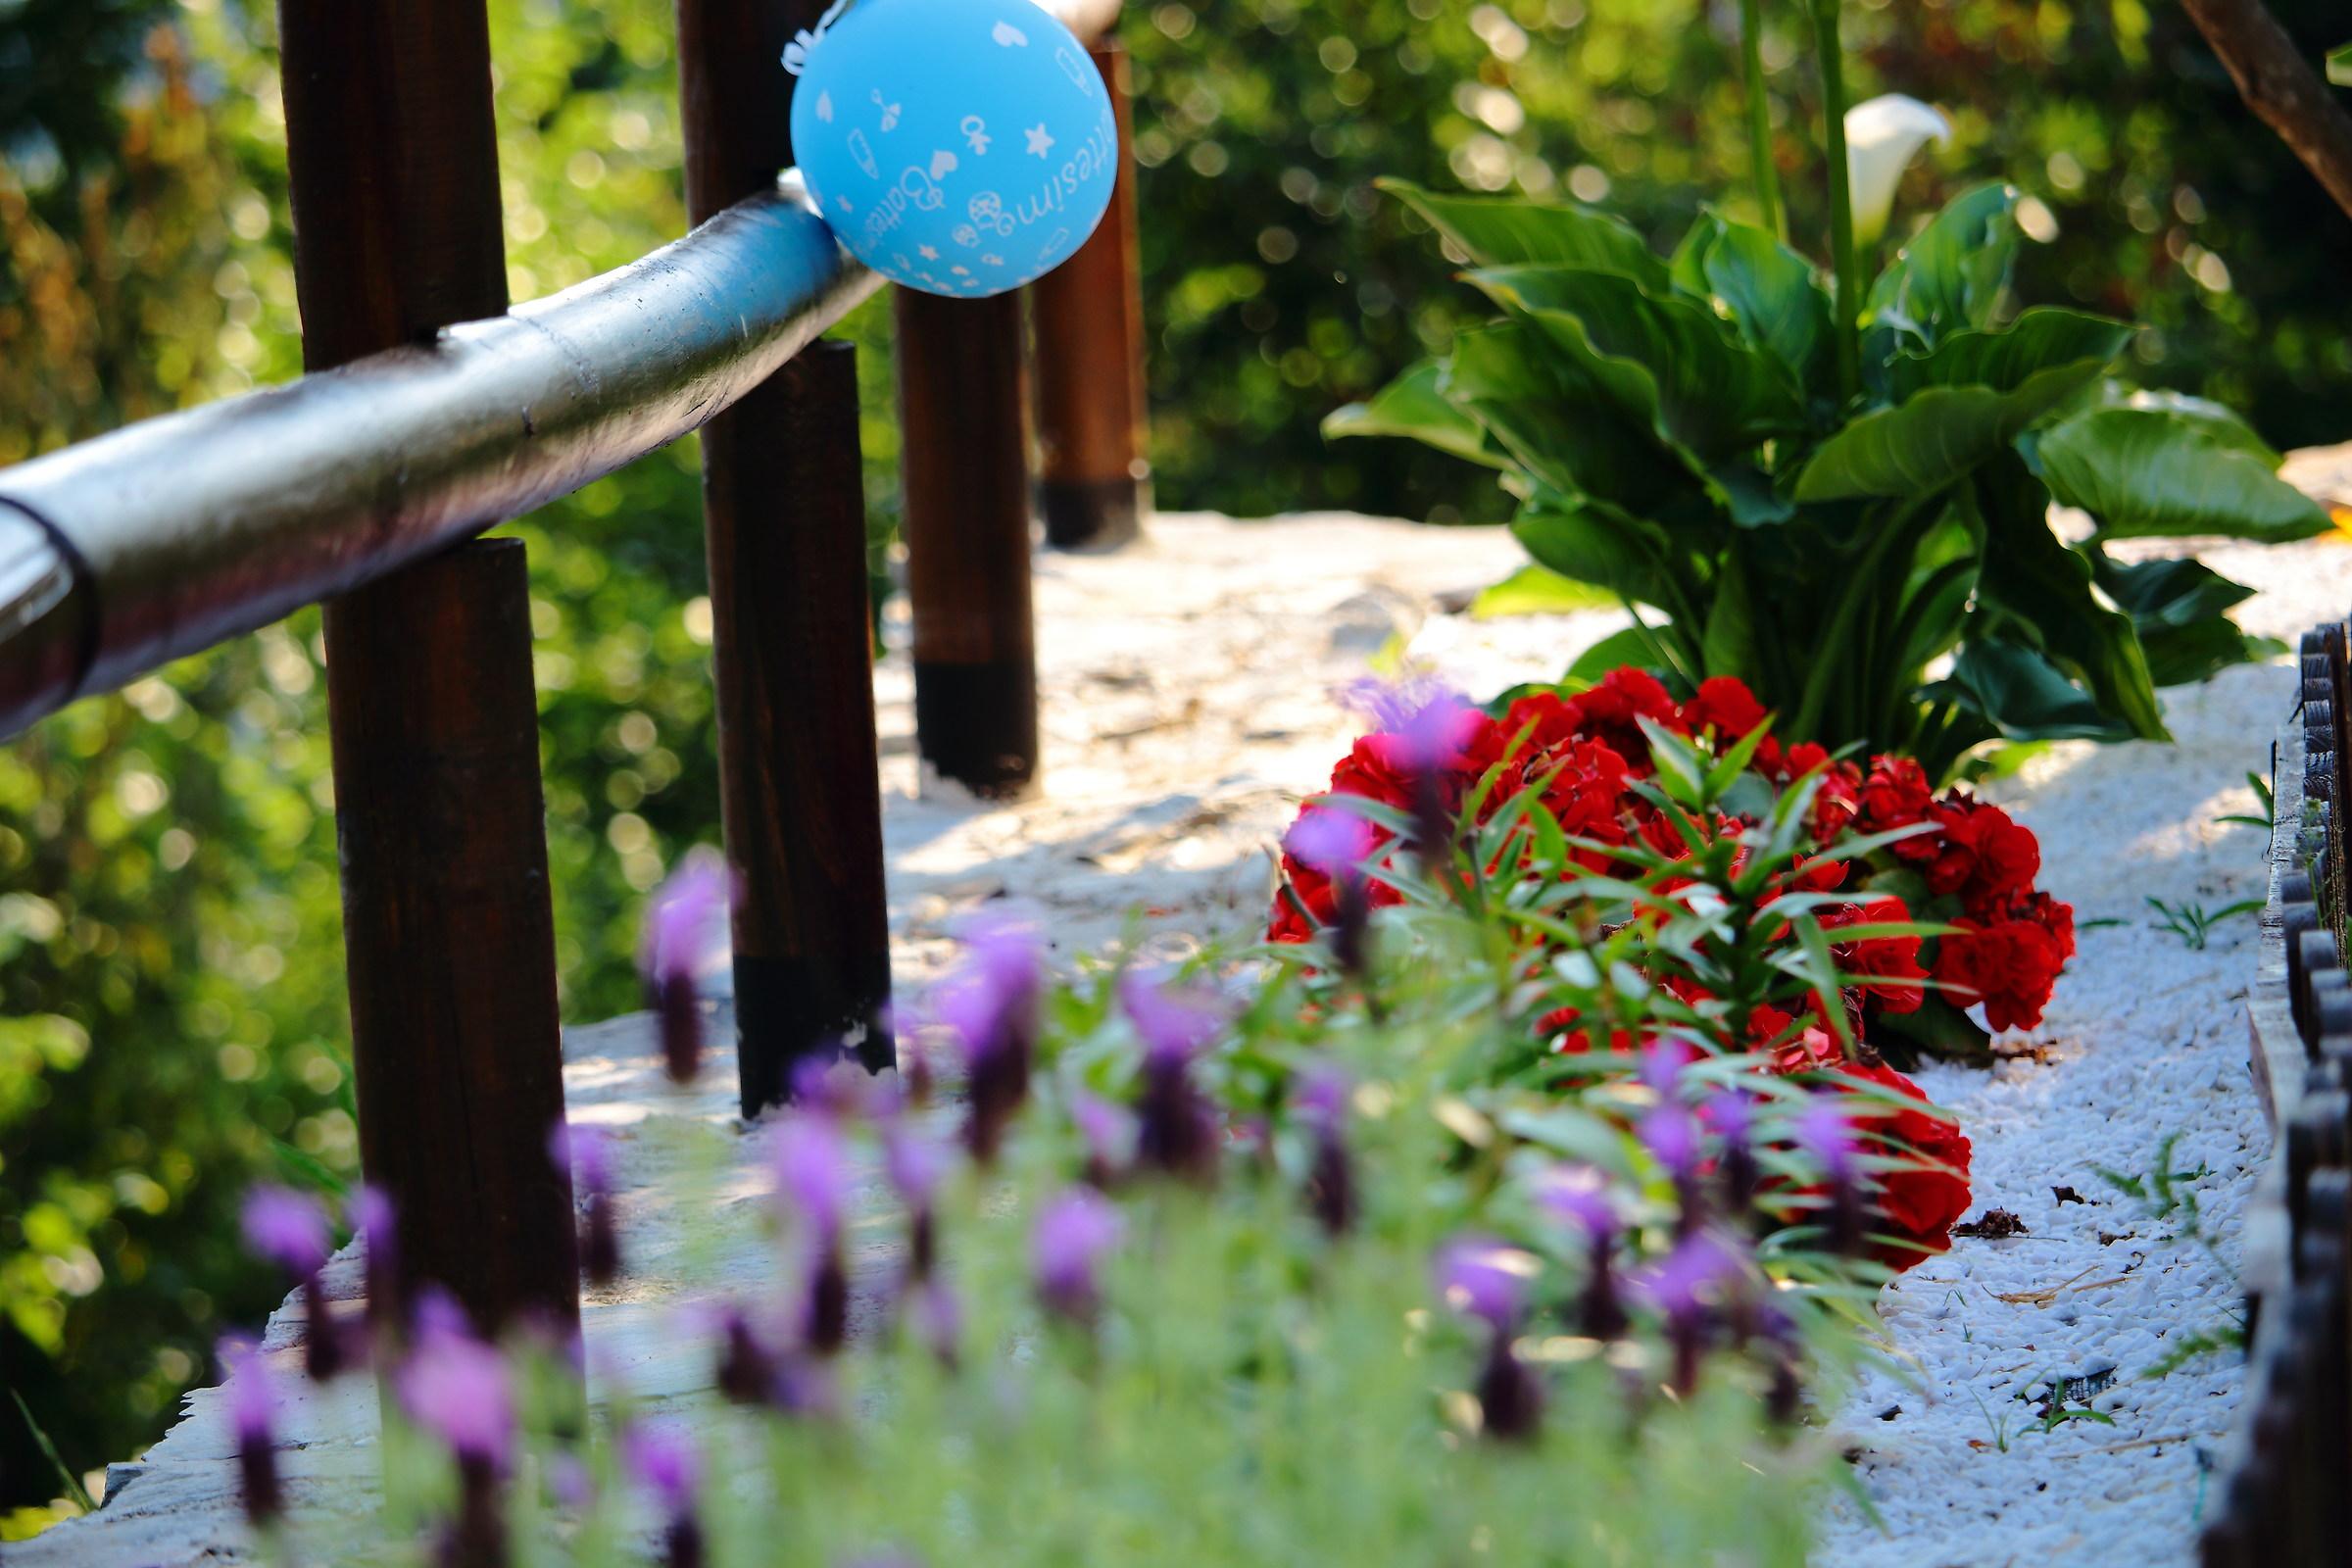 esercizio di focale nel giardino zen...